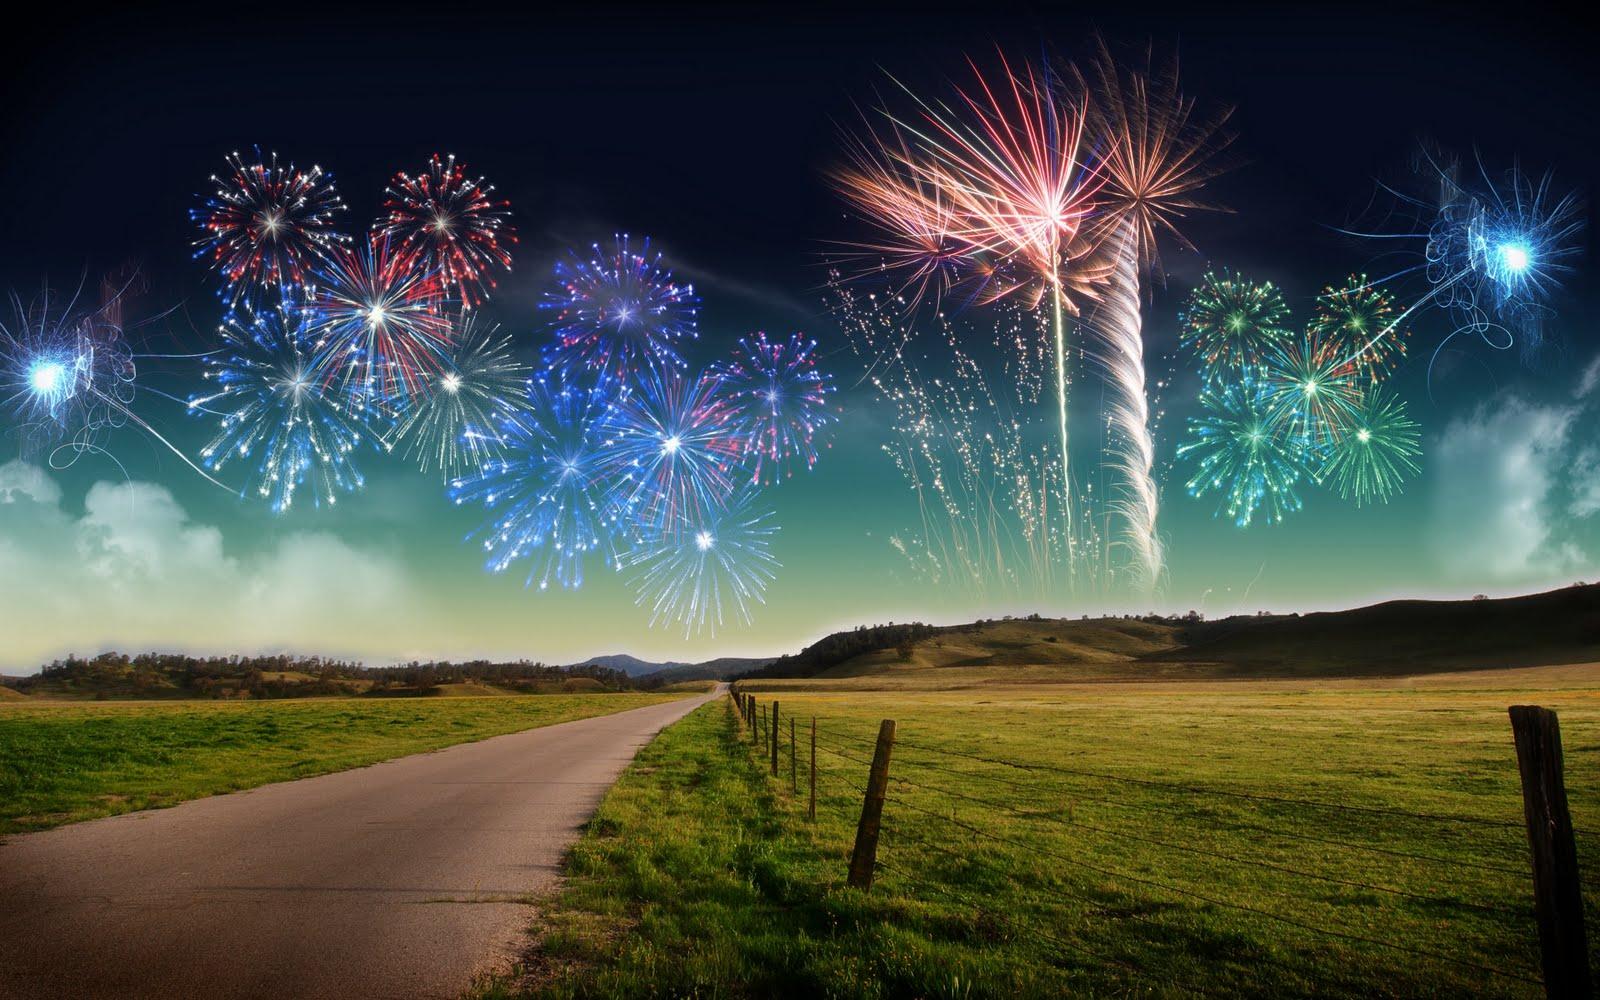 http://3.bp.blogspot.com/-jlgtyOJ3nLo/Tk1RCWmyujI/AAAAAAAAAYY/3tAAld9jSBE/s1600/new_year_nuaHs.jpg